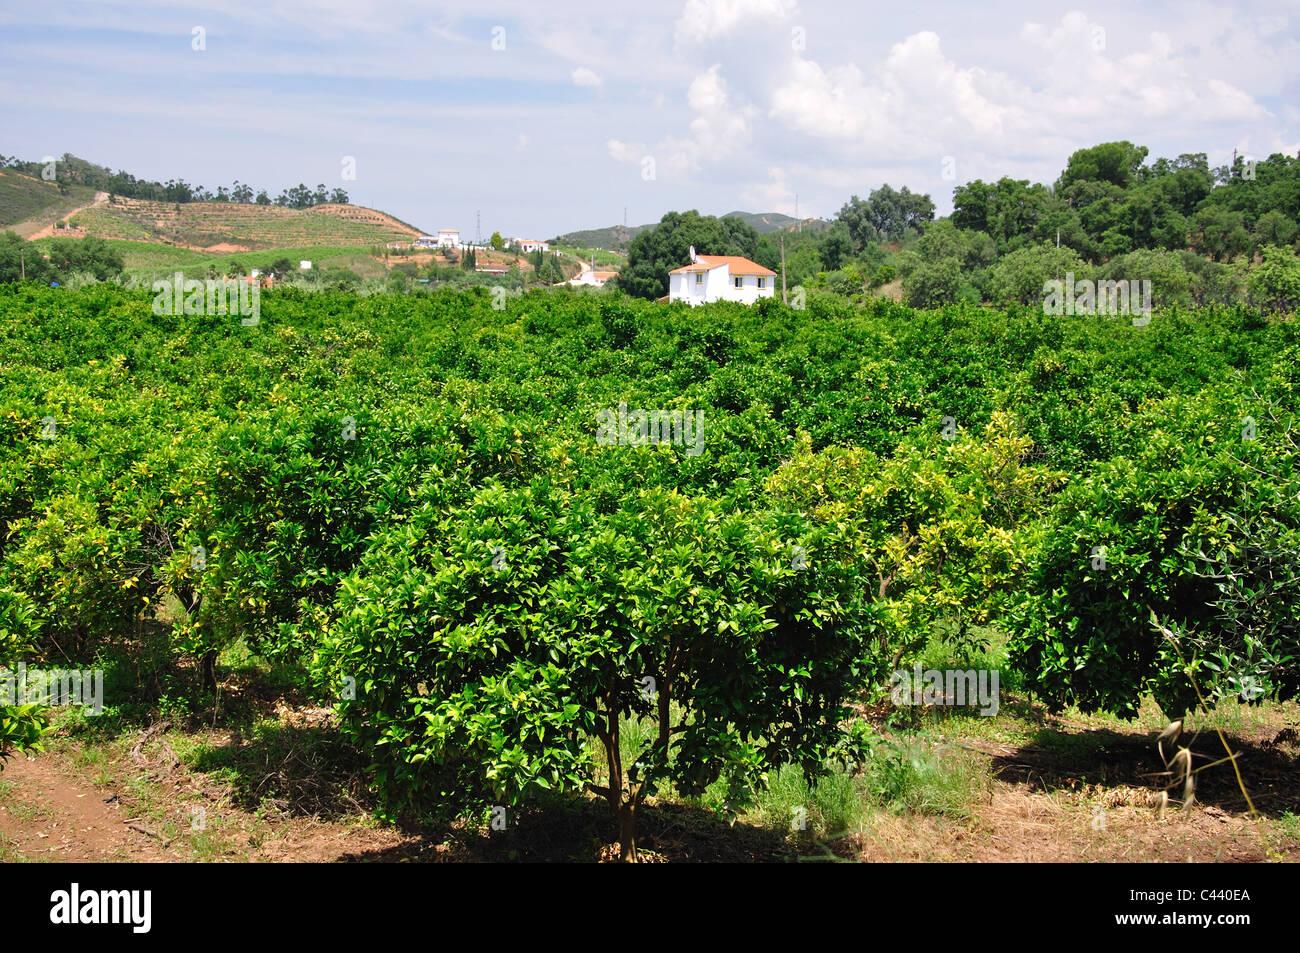 Orange grove in valley, near Silves, Faro District, Algarve Region, Portugal - Stock Image